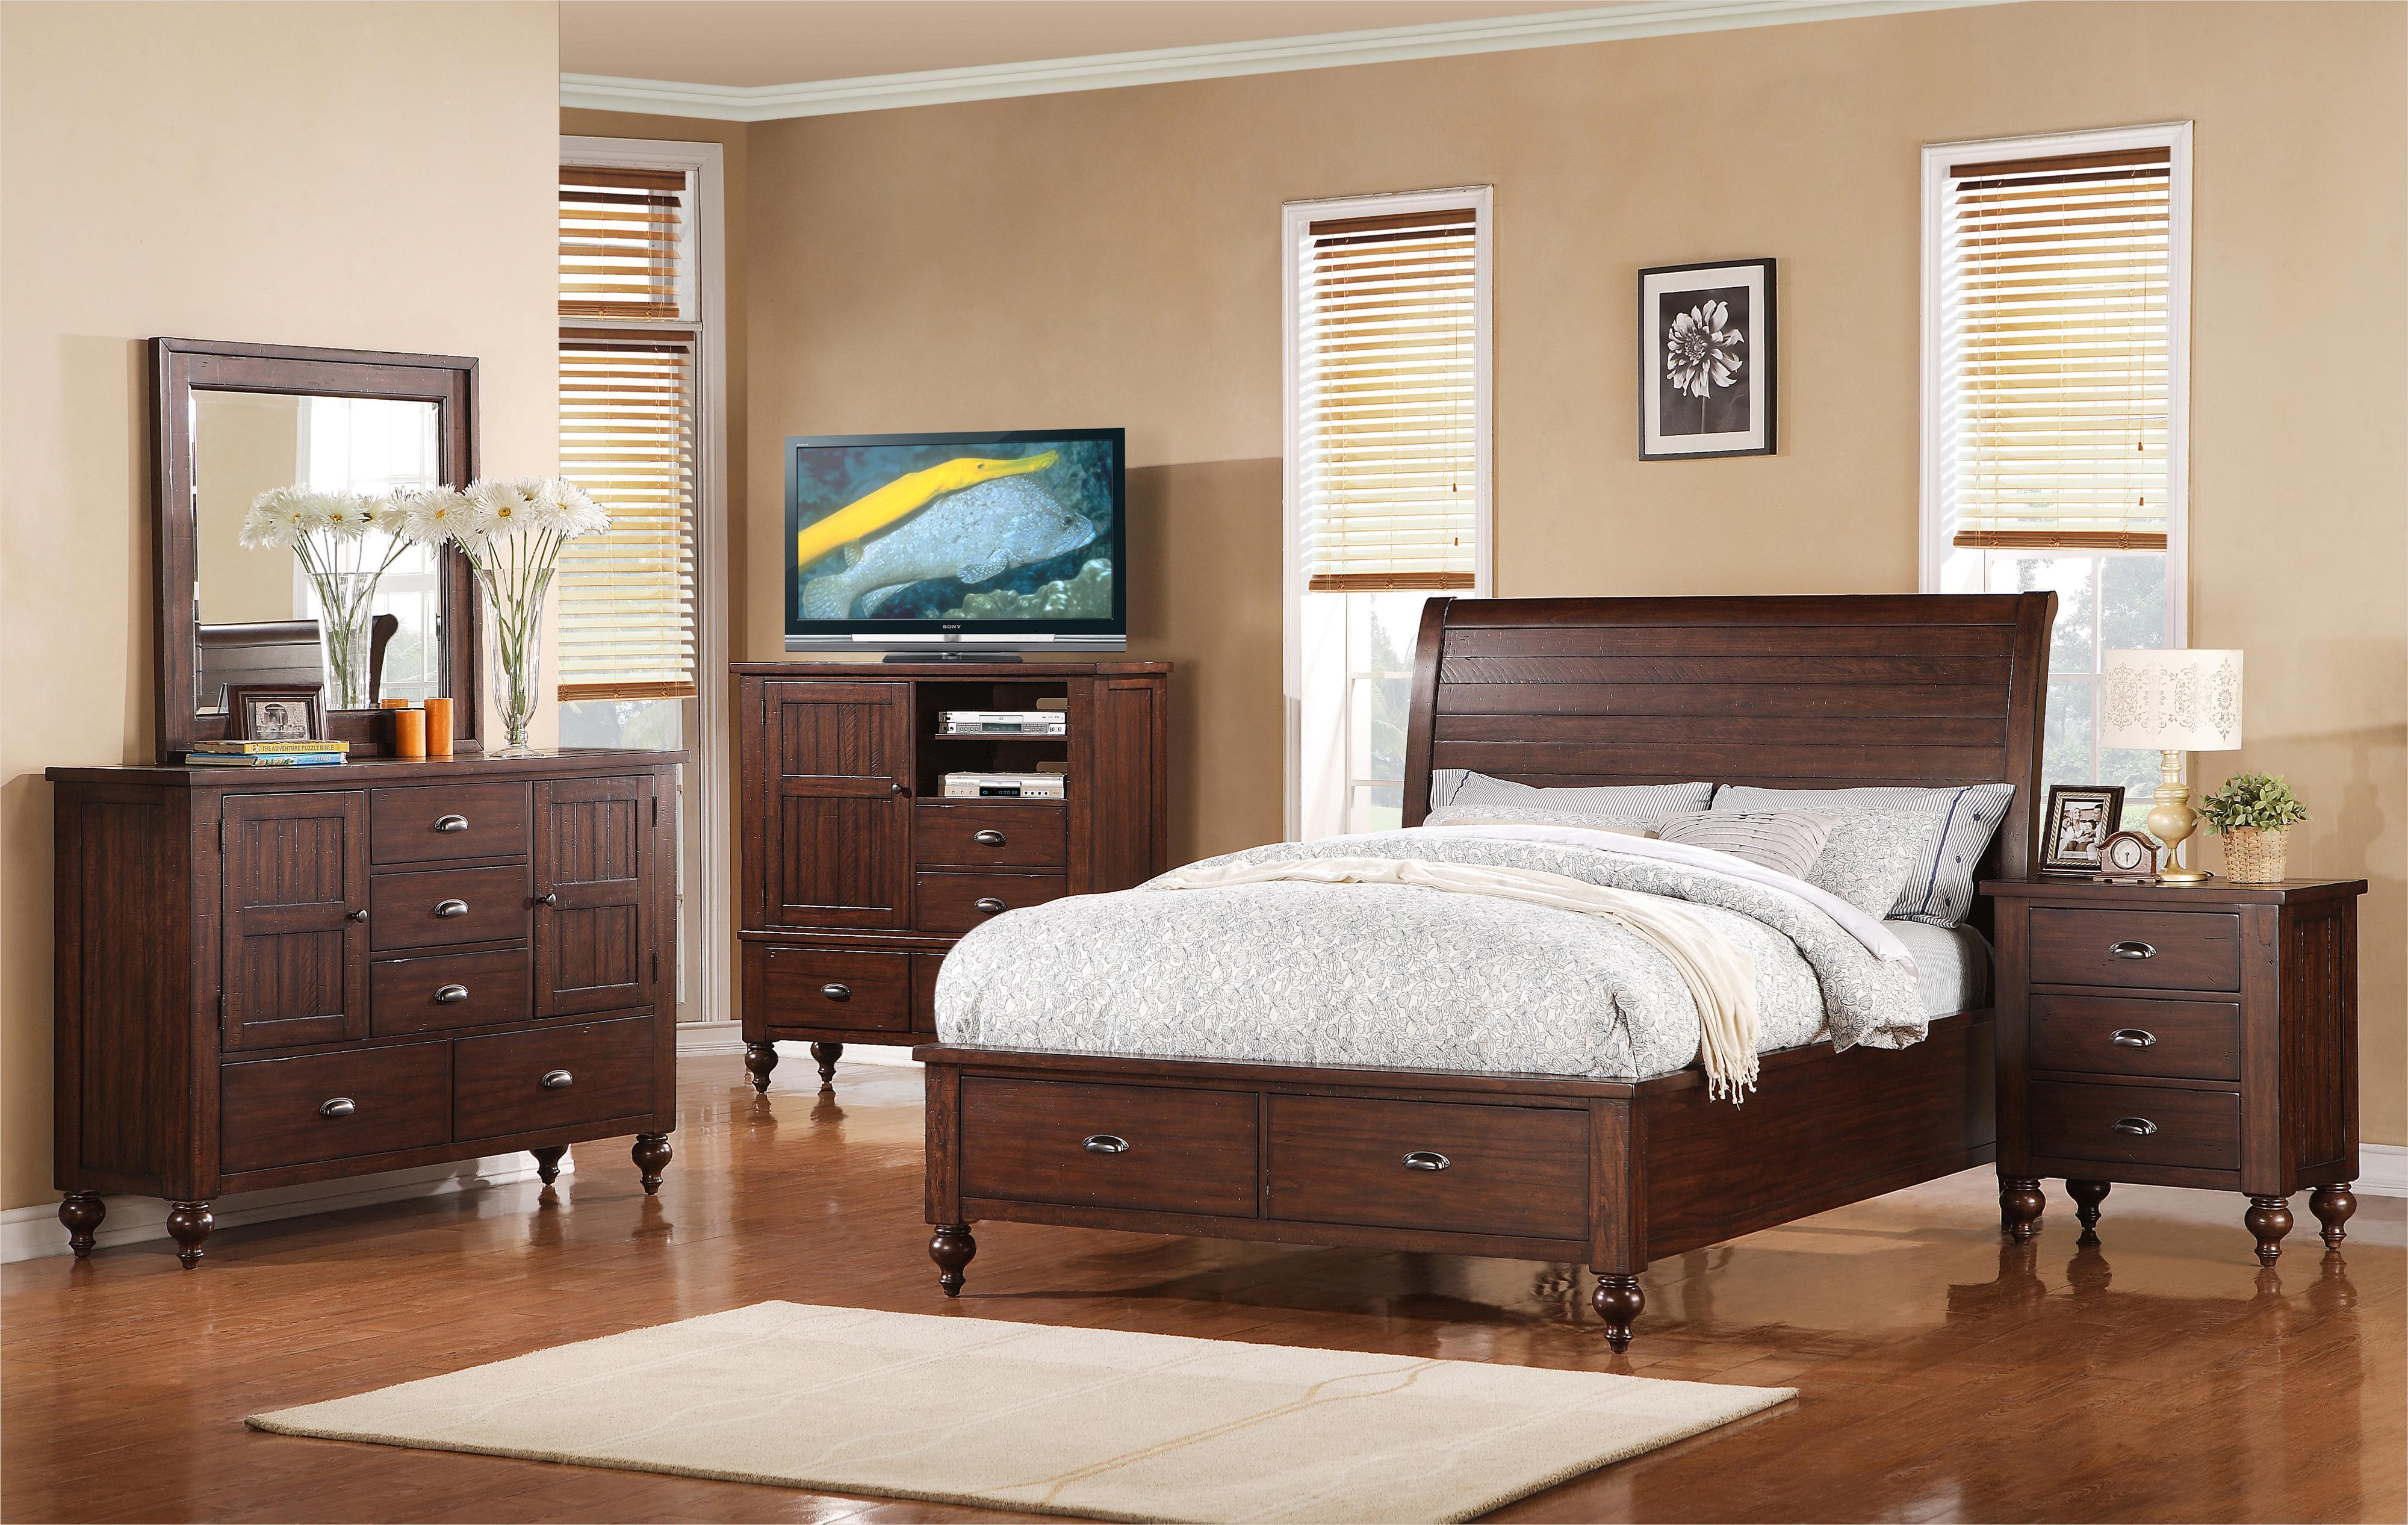 Riverside Furniture Castlewood Cal King Bedroom Group - Item Number: 335 CK Bedroom Group 2